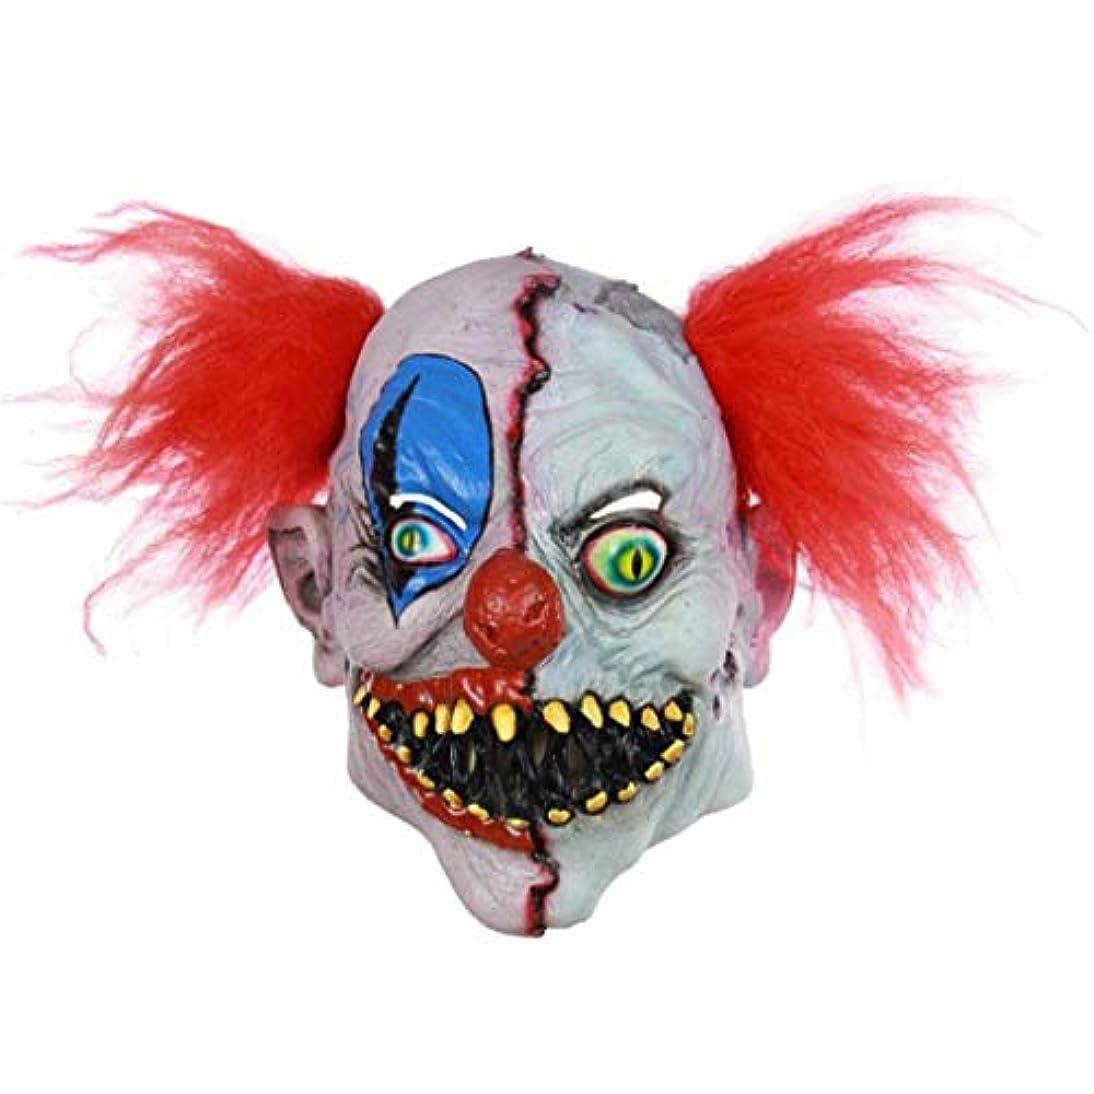 スポーツマン知事実際ハロウィンホラー腐った顔ピエロラテックスゴーストマスクしかめっ面マスクパーティーマスク映画小道具仮面舞踏会マスク